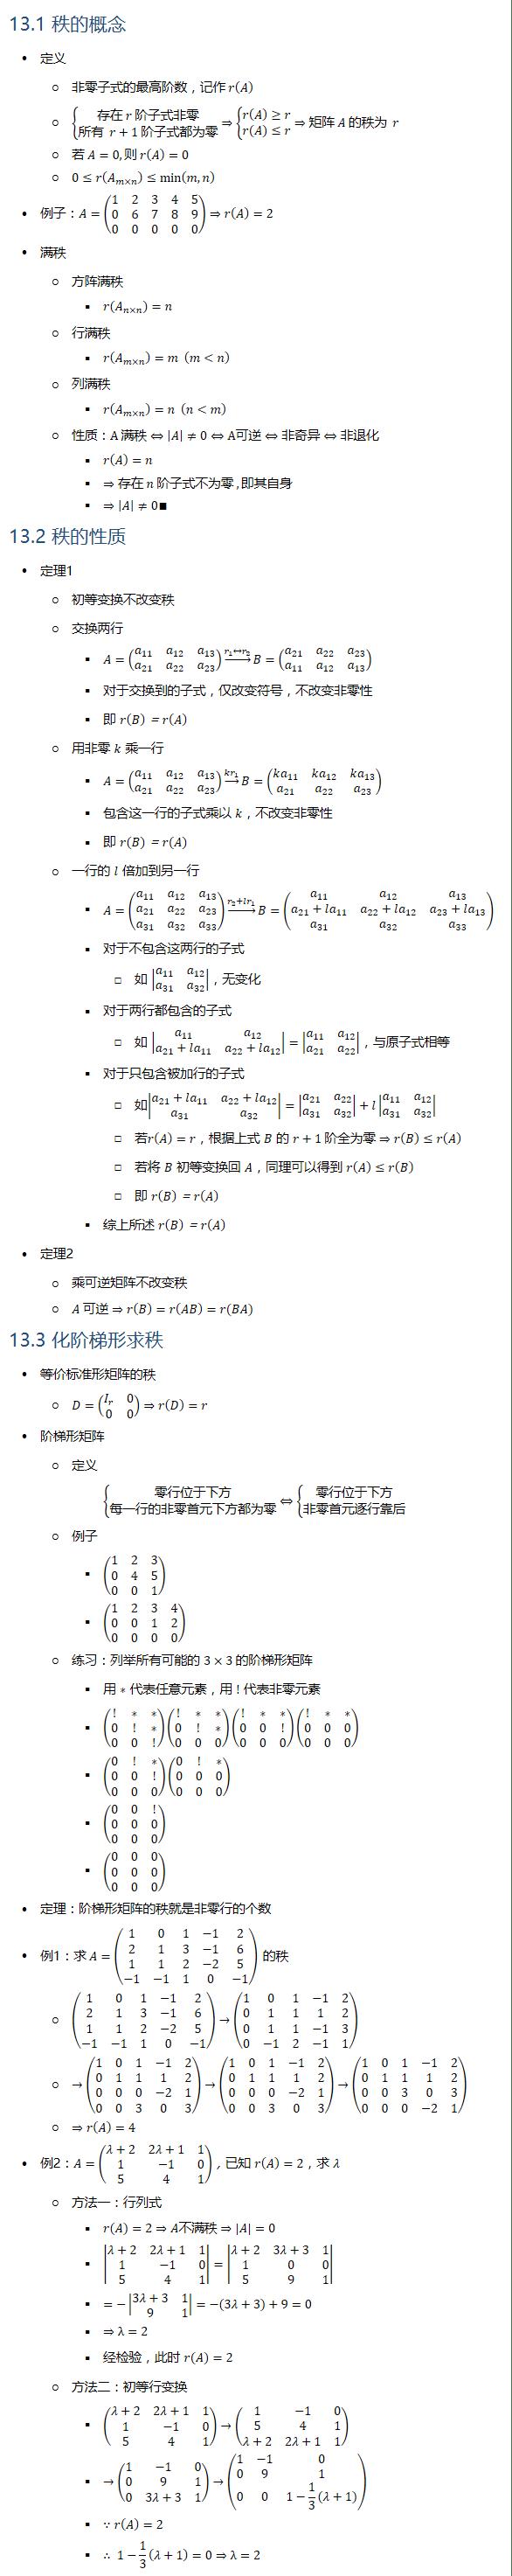 13.1 秩的概念 • 定义 ○ 非零子式的最高阶数,记作 r(A) ○ {█(存在 r 阶子式非零@所有 r+1 阶子式都为零)┤⇒{█(r(A)≥r@r(A)≤r)┤⇒矩阵 A 的秩为 r ○ 若 A=0, 则 r(A)=0 ○ 0≤r(A_(m×n) )≤min(m,n) • 例子:A=(■8(1&2&3&4&5@0&6&7&8&9@0&0&0&0&0))⇒r(A)=2 • 满秩 ○ 方阵满秩 § r(A_(n×n) )=n ○ 行满秩 § r(A_(m×n) )=m (m<n) ○ 列满秩 § r(A_(m×n) )=n (n<m) ○ 性质:A 满秩⇔|A|≠0⇔A可逆⇔非奇异⇔非退化 § r(A)=n § ⇒存在 n 阶子式不为零 ,即其自身 § ⇒|A|≠0∎ 13.2 秩的性质 • 定理1 ○ 初等变换不改变秩 ○ 交换两行 § A=(■8(a_11&a_12&a_13@a_21&a_22&a_23 )) →┴(r_1↔r_2 ) B=(■8(a_21&a_22&a_23@a_11&a_12&a_13 )) § 对于交换到的子式,仅改变符号,不改变非零性 § 即 r(B)=r(A) ○ 用非零 k 乘一行 § A=(■8(a_11&a_12&a_13@a_21&a_22&a_23 )) →┴(kr_1 ) B=(■8(ka_11&ka_12&ka_13@a_21&a_22&a_23 )) § 包含这一行的子式乘以 k,不改变非零性 § 即 r(B)=r(A) ○ 一行的 l 倍加到另一行 § A=(■8(a_11&a_12&a_13@a_21&a_22&a_23@a_31&a_32&a_33 )) →┴(r_2+lr_1 ) B=(■8(a_11&a_12&a_13@a_21+la_11&a_22+la_12&a_23+la_13@a_31&a_32&a_33 )) § 对于不包含这两行的子式 □ 如 |■8(a_11&a_12@a_31&a_32 )|,无变化 § 对于两行都包含的子式 □ 如 |■8(a_11&a_12@a_21+la_11&a_22+la_12 )|=|■8(a_11&a_12@a_21&a_22 )|,与原子式相等 § 对于只包含被加行的子式 □ 如|■8(a_21+la_11&a_22+la_12@a_31&a_32 )|=|■8(a_21&a_22@a_31&a_32 )|+l|■8(a_11&a_12@a_31&a_32 )| □ 若r(A)=r,根据上式 B 的 r+1 阶全为零⇒r(B)≤r(A) □ 若将 B 初等变换回 A,同理可以得到 r(A)≤r(B) □ 即 r(B)=r(A) § 综上所述 r(B)=r(A) • 定理2 ○ 乘可逆矩阵不改变秩 ○ A 可逆⇒r(B)=r(AB)=r(BA) 13.3 化阶梯形求秩 • 等价标准形矩阵的秩 ○ D=(■8(I_r&0@0&0))⇒r(D)=r • 阶梯形矩阵 ○ 定义 {█(零行位于下方@每一行的非零首元下方都为零)┤⇔{█(零行位于下方@非零首元逐行靠后)┤ ○ 例子 § (■8(1&2&3@0&4&5@0&0&1)) § (■8(1&2&3&4@0&0&1&2@0&0&0&0)) ○ 练习:列举所有可能的 3×3 的阶梯形矩阵 § 用 ∗ 代表任意元素,用 ! 代表非零元素 § (■8(!&∗&∗@0&!&∗@0&0&!))(■8(!&∗&∗@0&!&∗@0&0&0))(■8(!&∗&∗@0&0&!@0&0&0))(■8(!&∗&∗@0&0&0@0&0&0)) § (■8(0&!&∗@0&0&!@0&0&0))(■8(0&!&∗@0&0&0@0&0&0)) § (■8(0&0&!@0&0&0@0&0&0)) § (■8(0&0&0@0&0&0@0&0&0)) • 定理:阶梯形矩阵的秩就是非零行的个数 • 例1:求 A=(■8(1&0&1&−1&2@2&1&3&−1&6@1&1&2&−2&5@−1&−1&1&0&−1)) 的秩 ○ (■8(1&0&1&−1&2@2&1&3&−1&6@1&1&2&−2&5@−1&−1&1&0&−1))→(■8(1&0&1&−1&2@0&1&1&1&2@0&1&1&−1&3@0&−1&2&−1&1)) ○ →(■8(1&0&1&−1&2@0&1&1&1&2@0&0&0&−2&1@0&0&3&0&3))→(■8(1&0&1&−1&2@0&1&1&1&2@0&0&0&−2&1@0&0&3&0&3))→(■8(1&0&1&−1&2@0&1&1&1&2@0&0&3&0&3@0&0&0&−2&1)) ○ ⇒r(A)=4 • 例2:A=(■8(λ+2&2λ+1&1@1&−1&0@5&4&1)),已